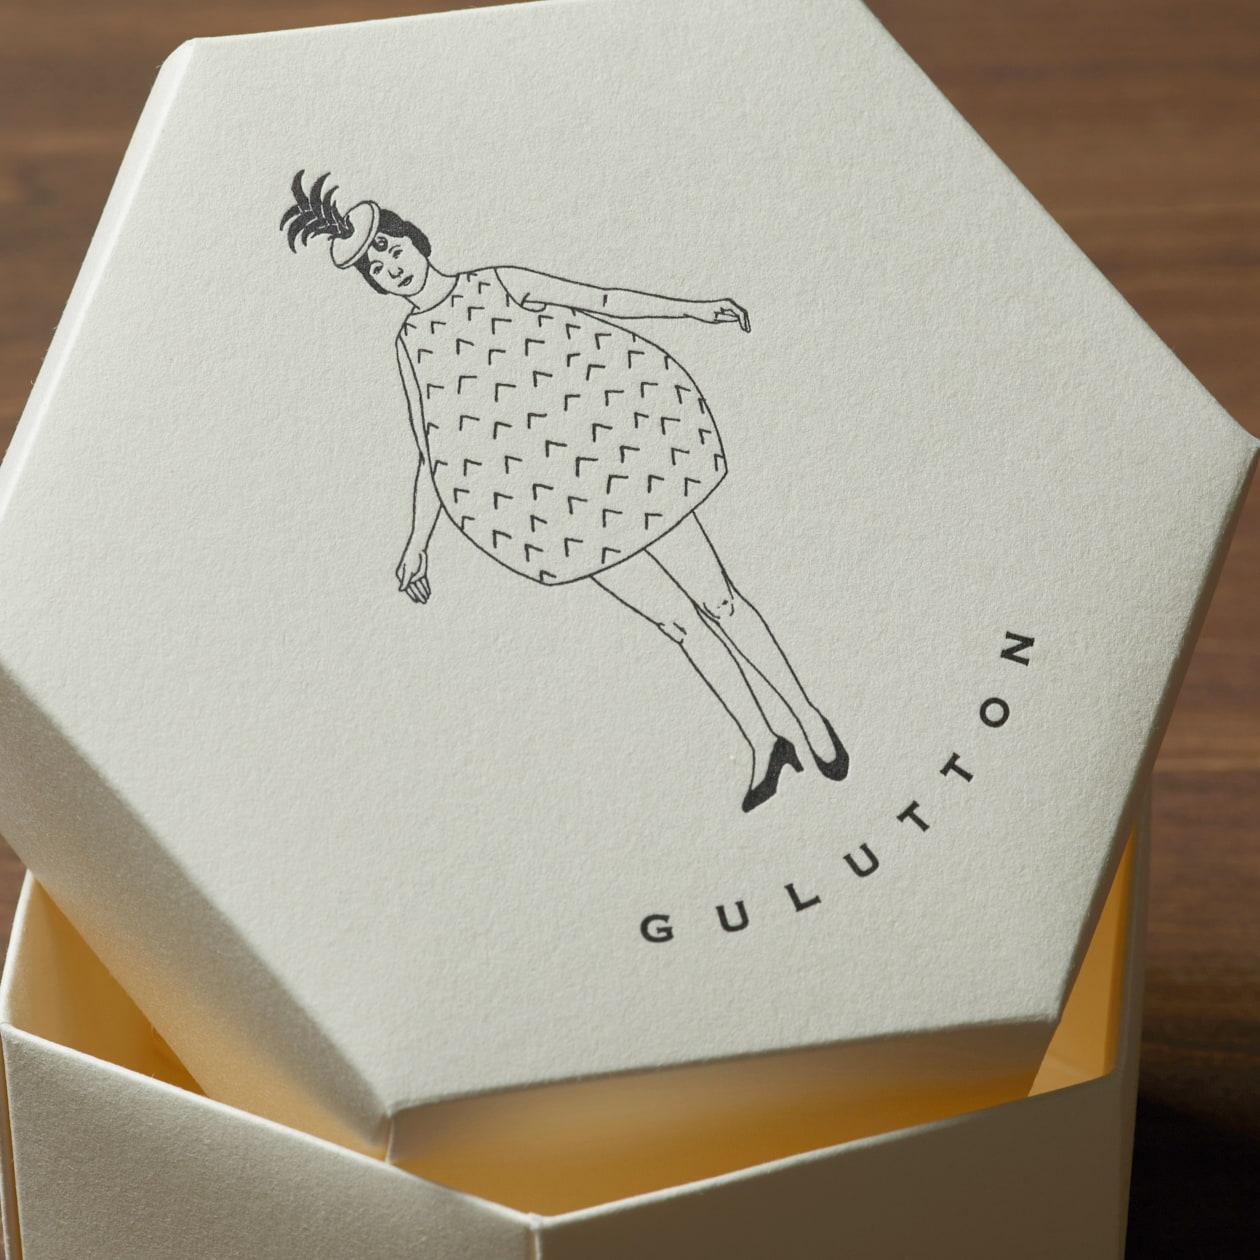 展示会やパーティーのギフトに六角形BOX